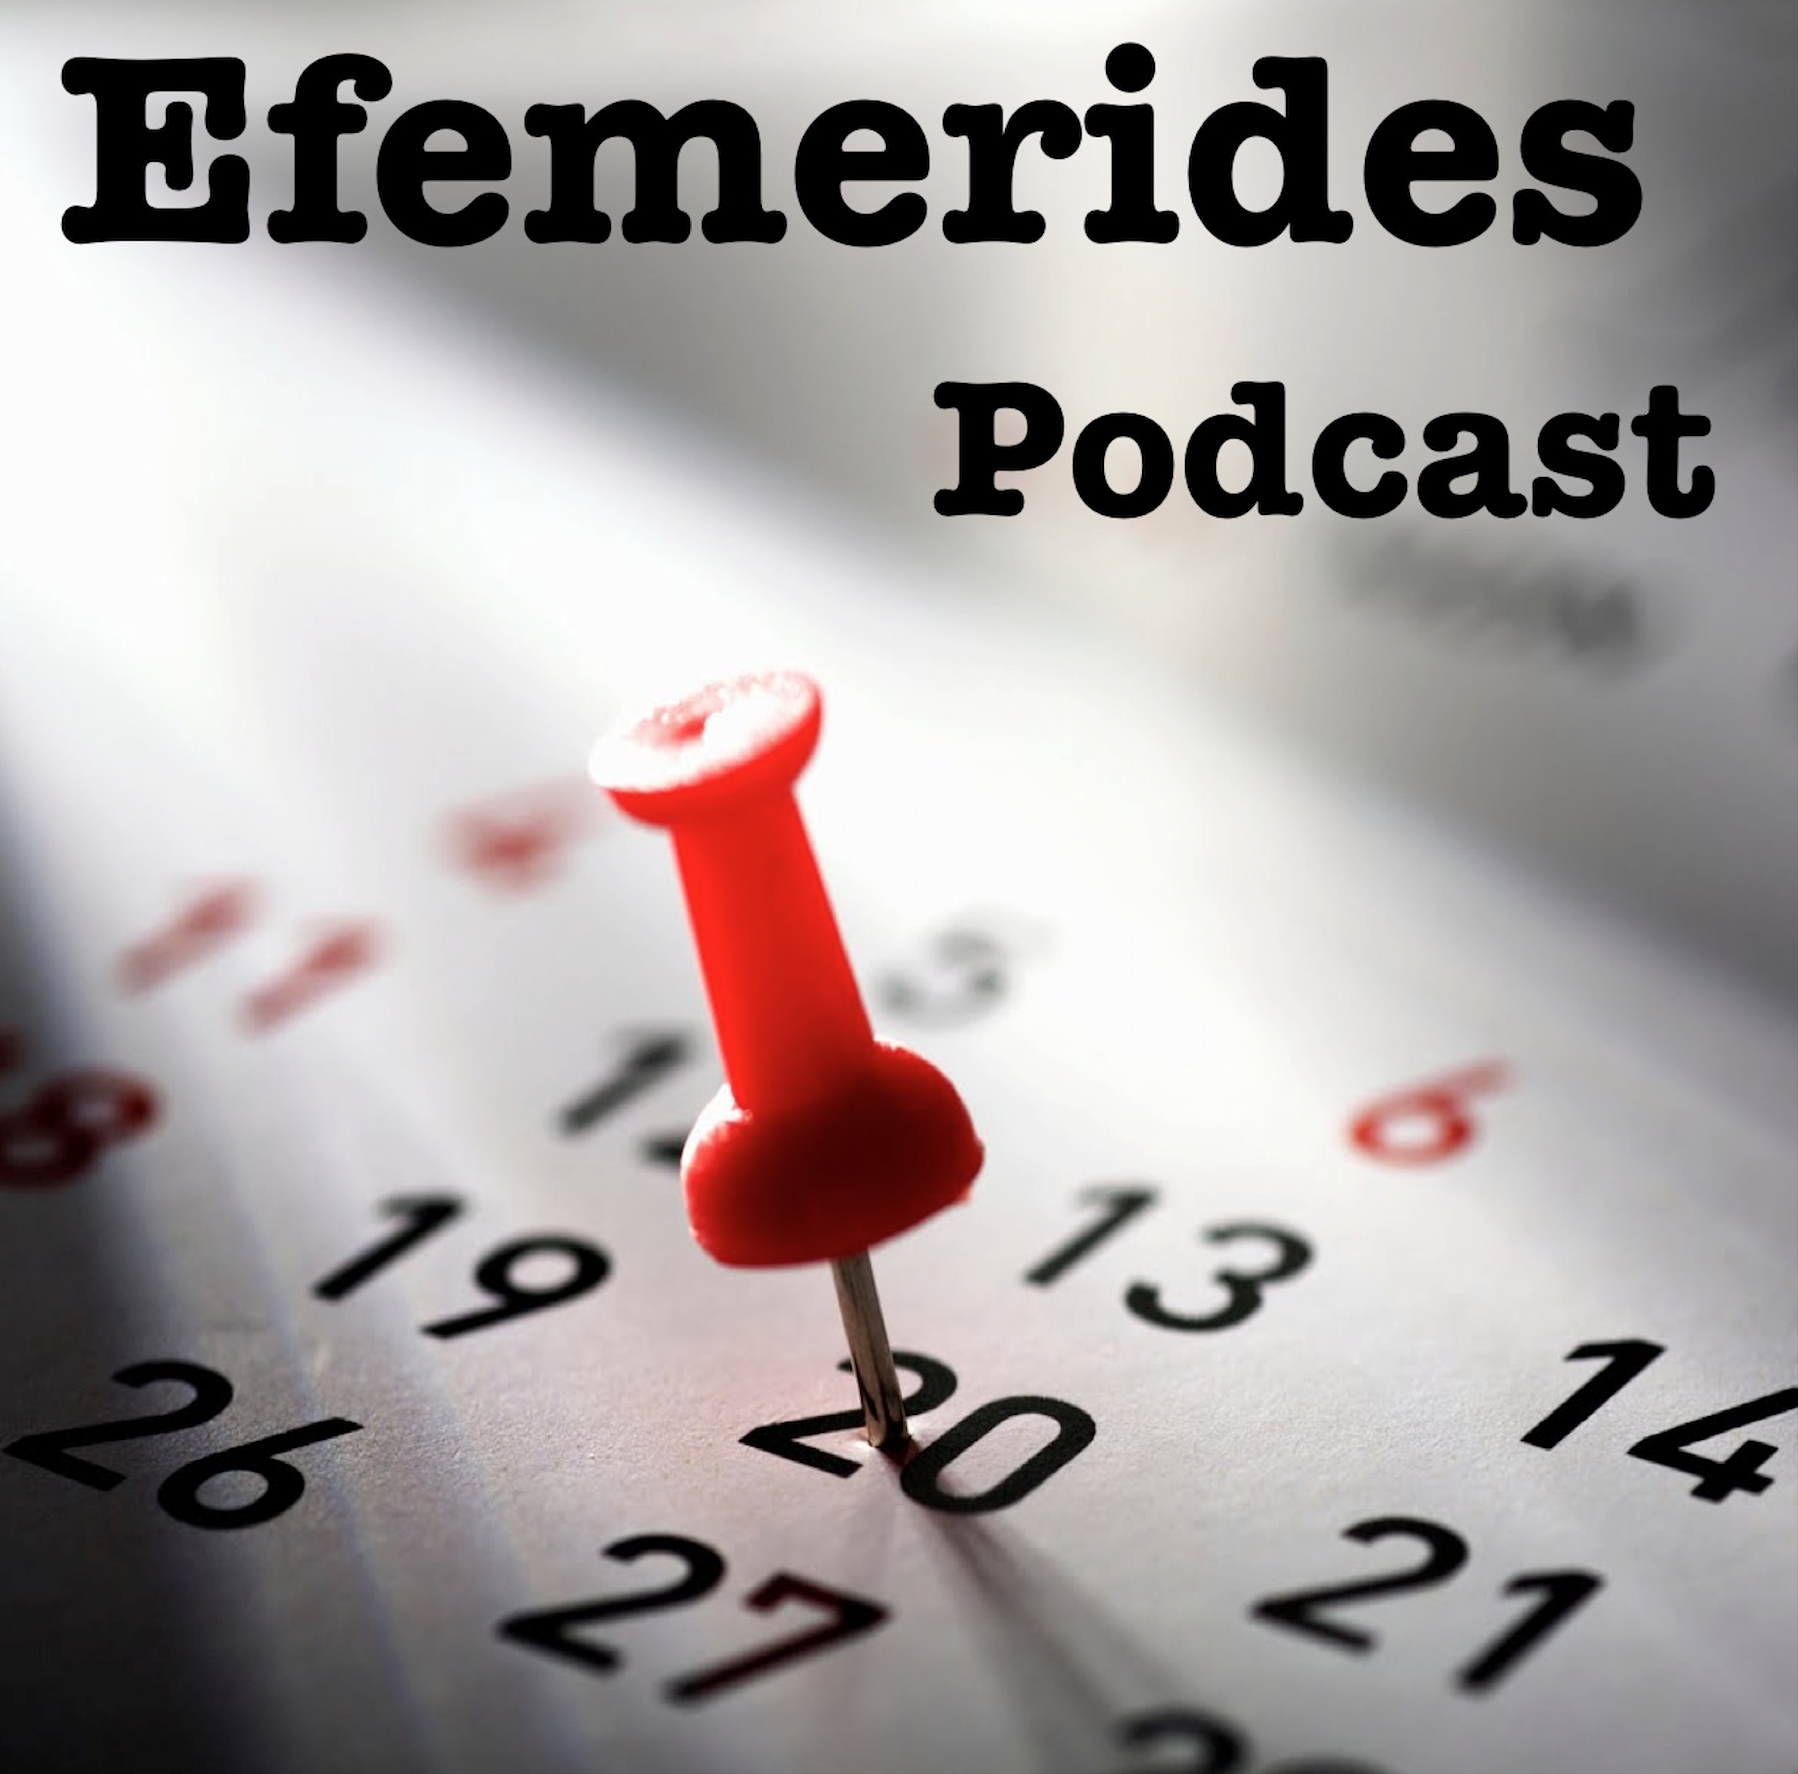 Logo de Efemerides Podcast